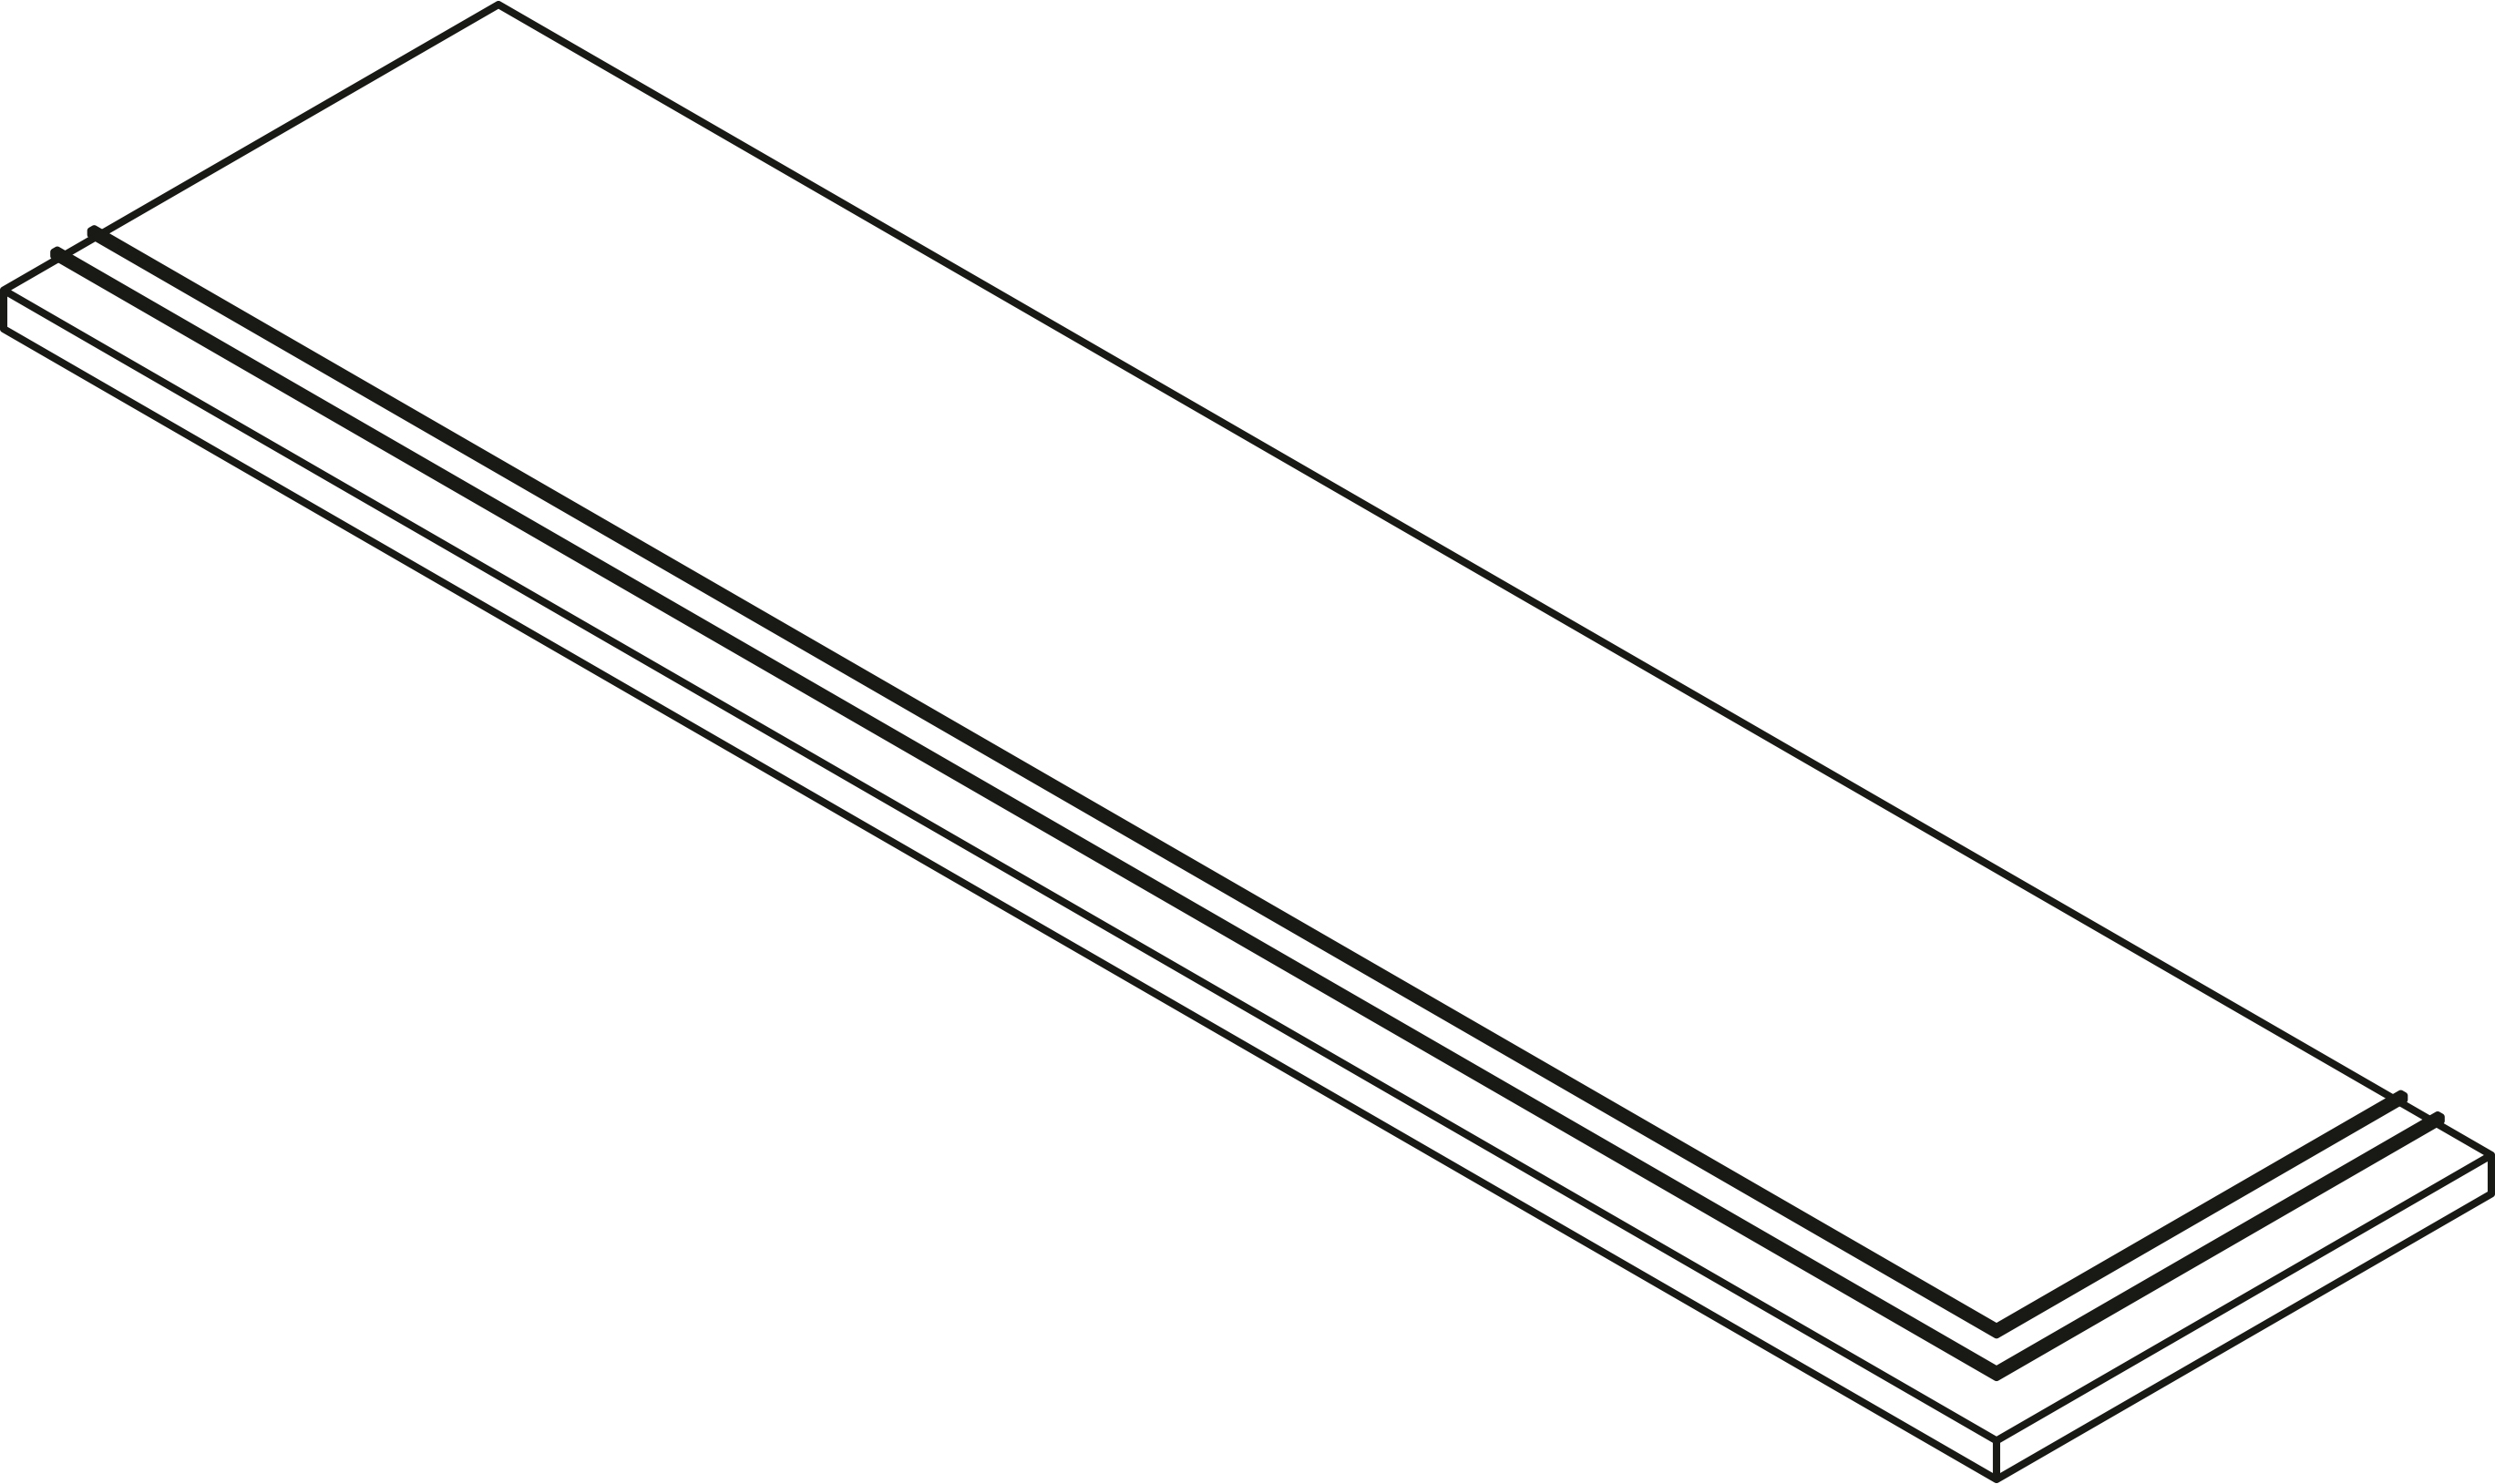 STEP EXTRA THICK CORNER INOX * 30X120